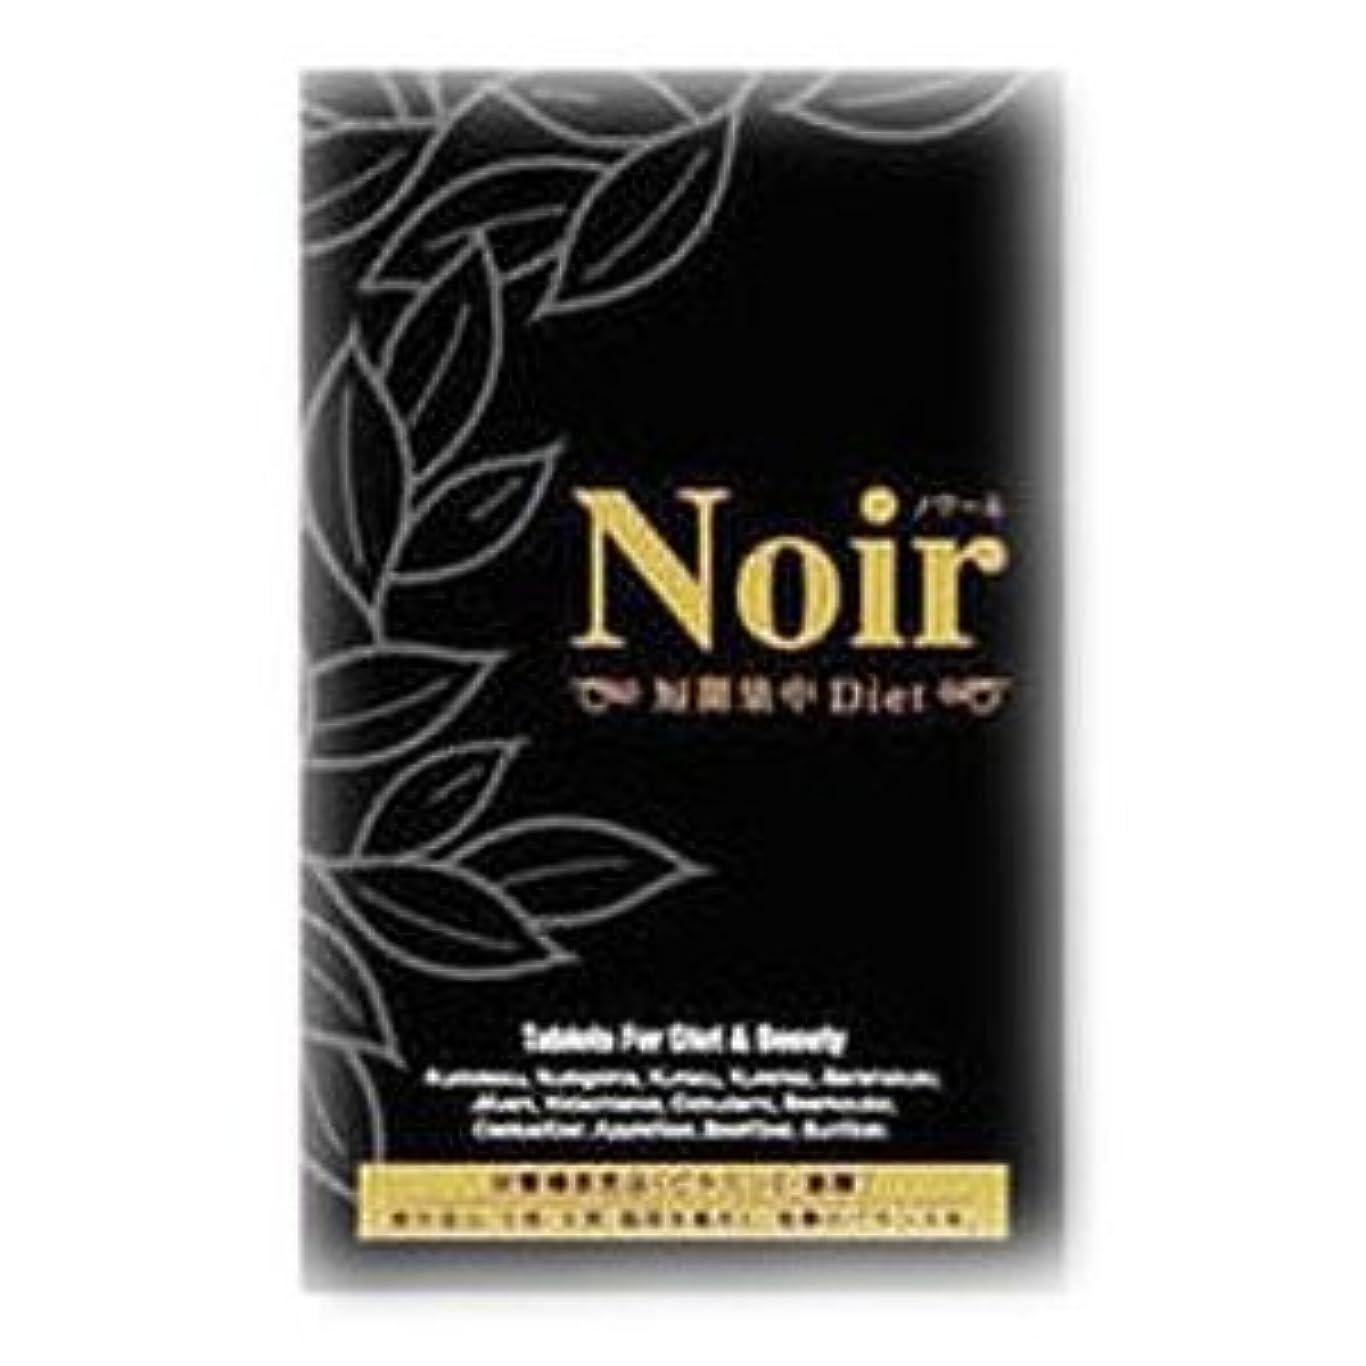 重要化粧病院ノワール (Noir)×2箱セット  短期集中 Diet 粒タイプ